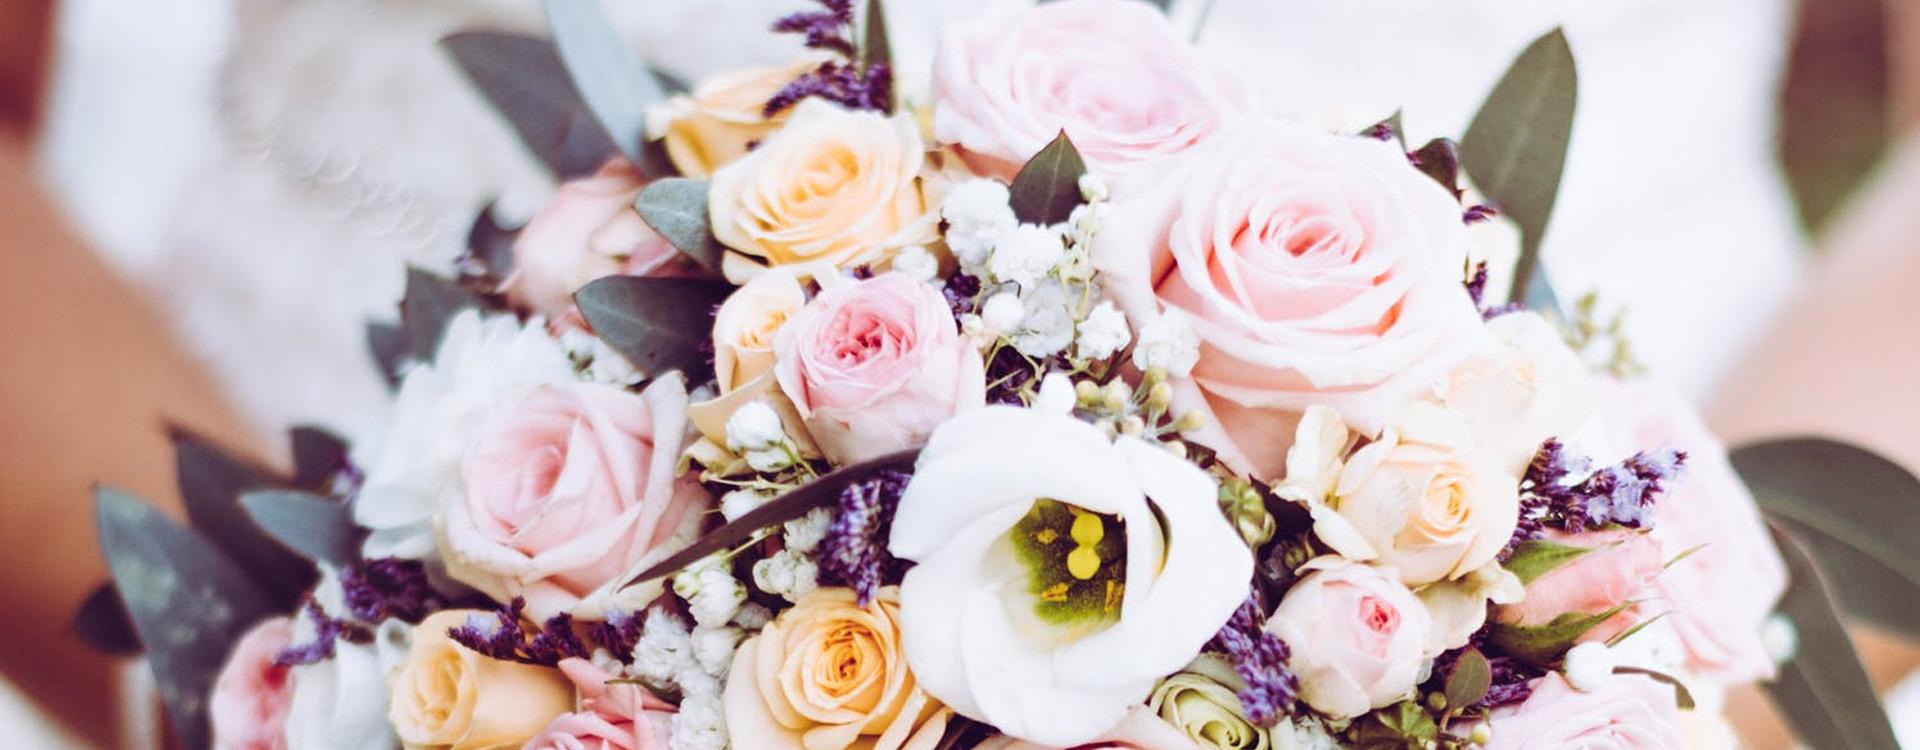 Sunds Blomster